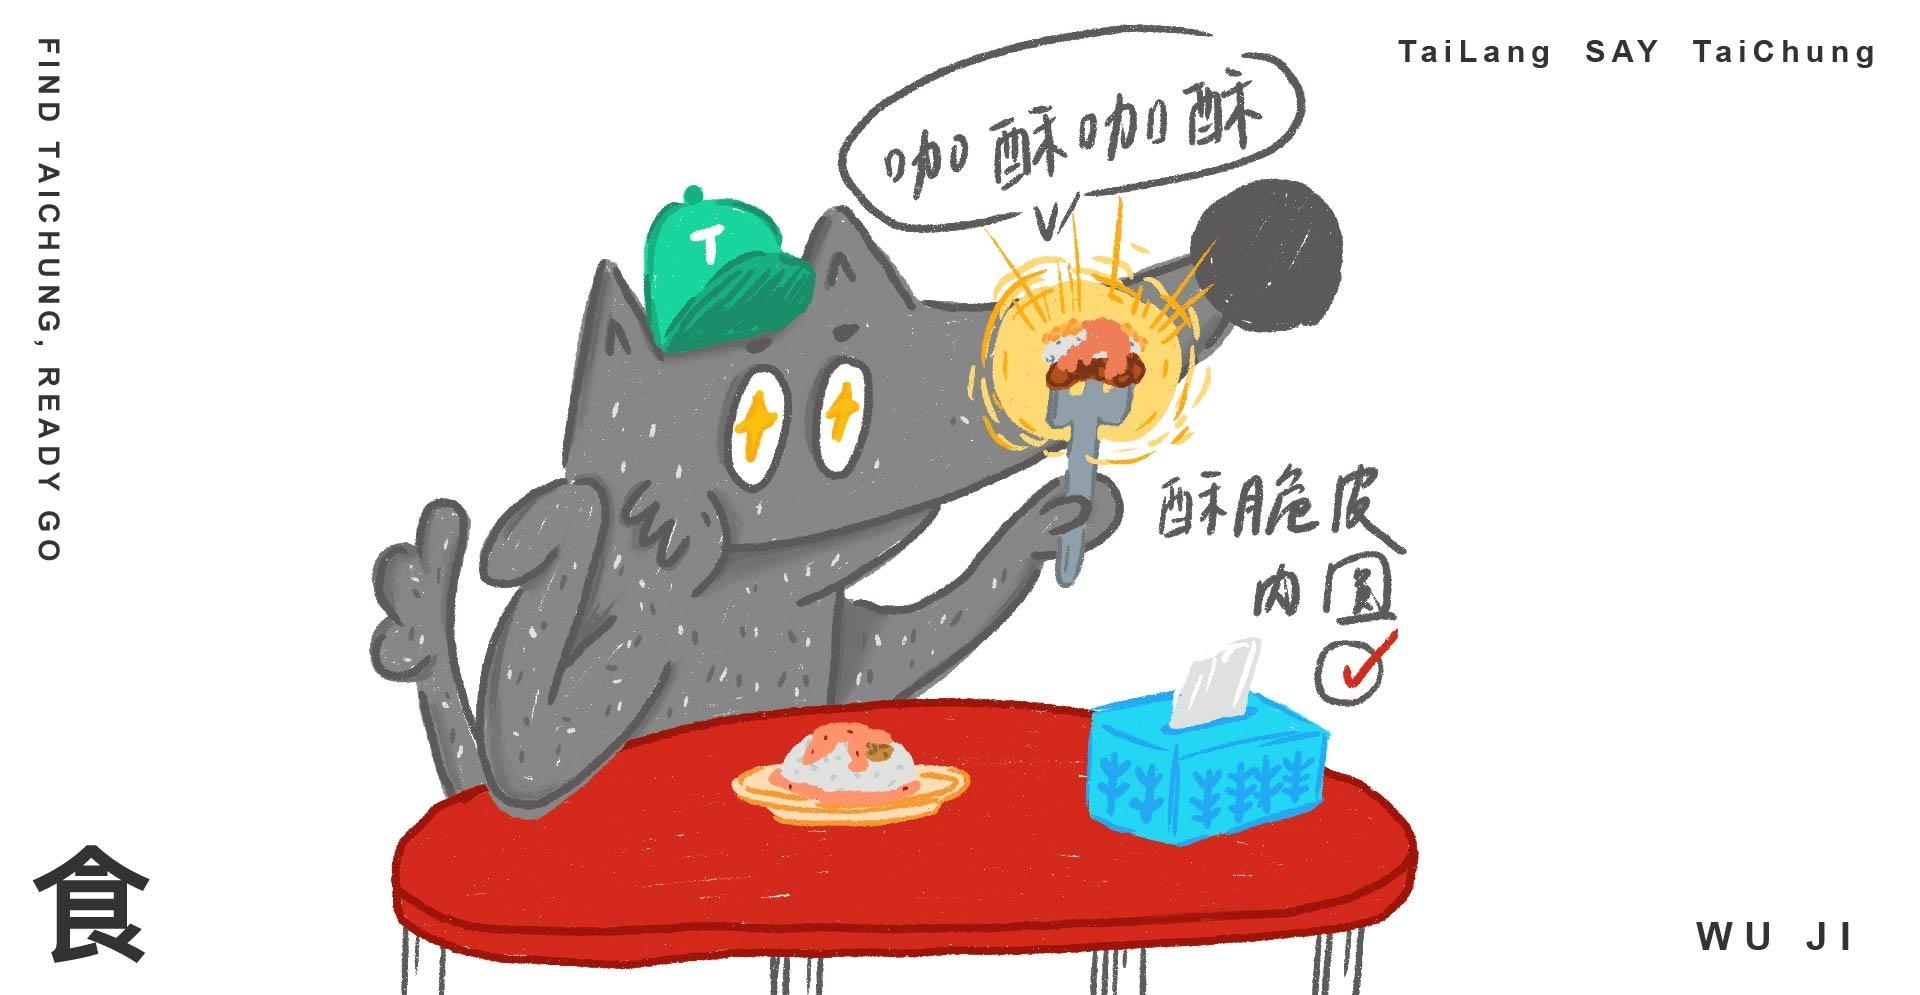 台中吳記脆皮肉圓與太郎插畫